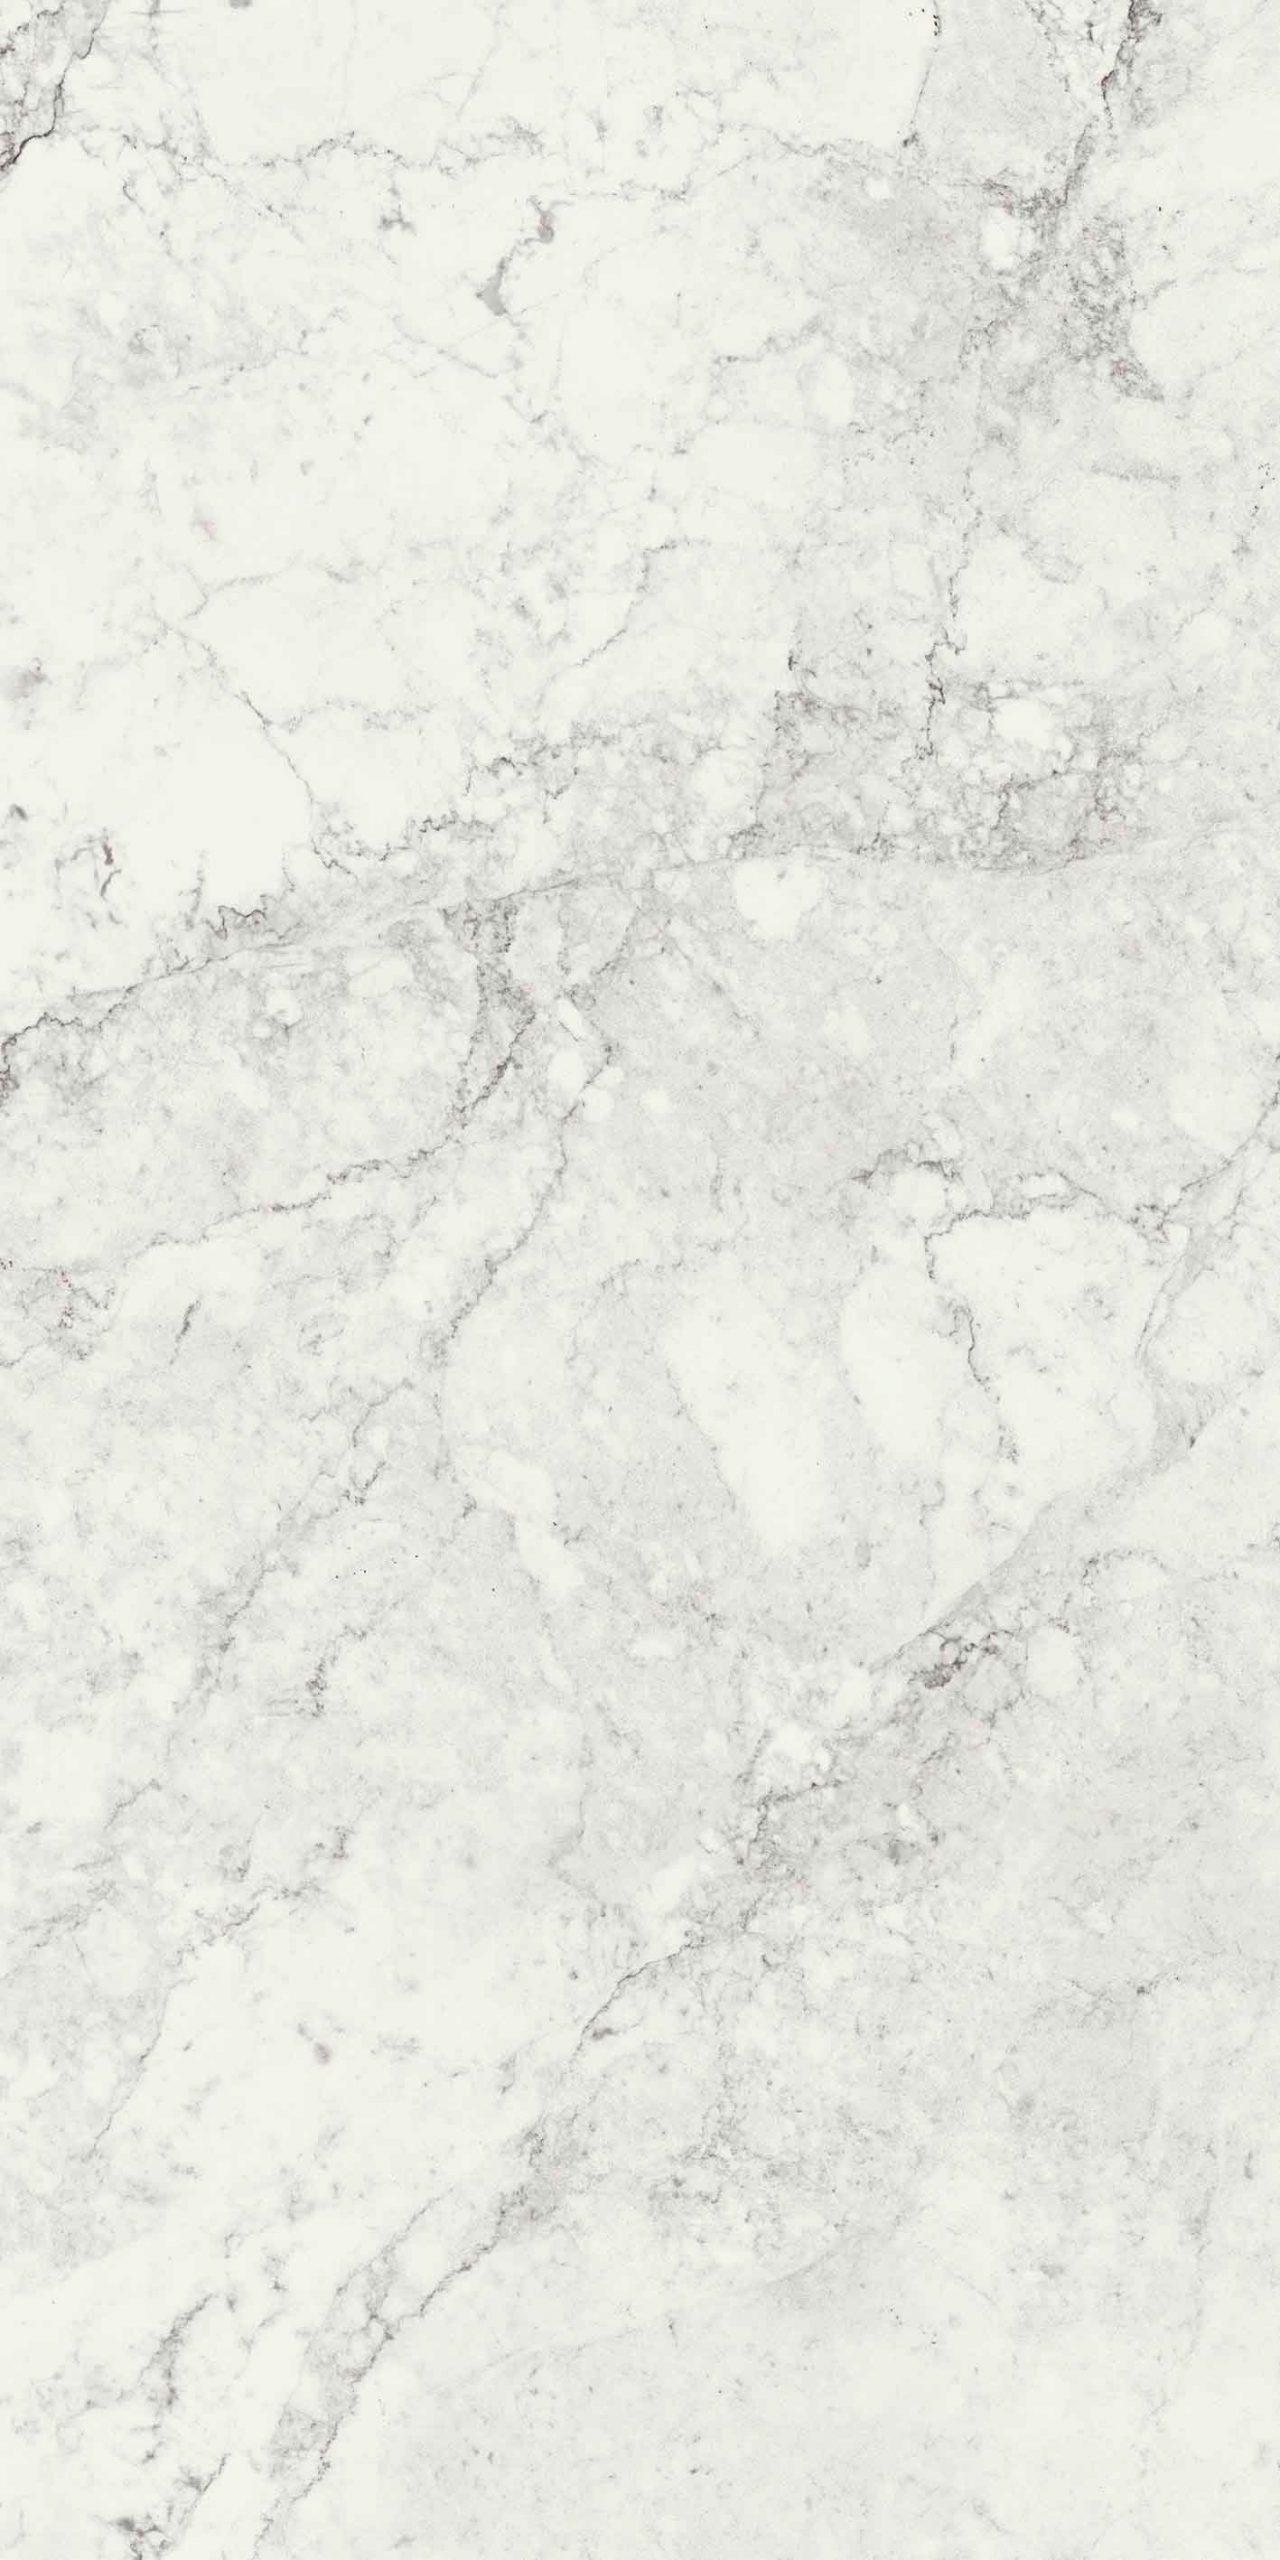 Exalt of Cerim Fairy White Matte 10mm 60 x 120